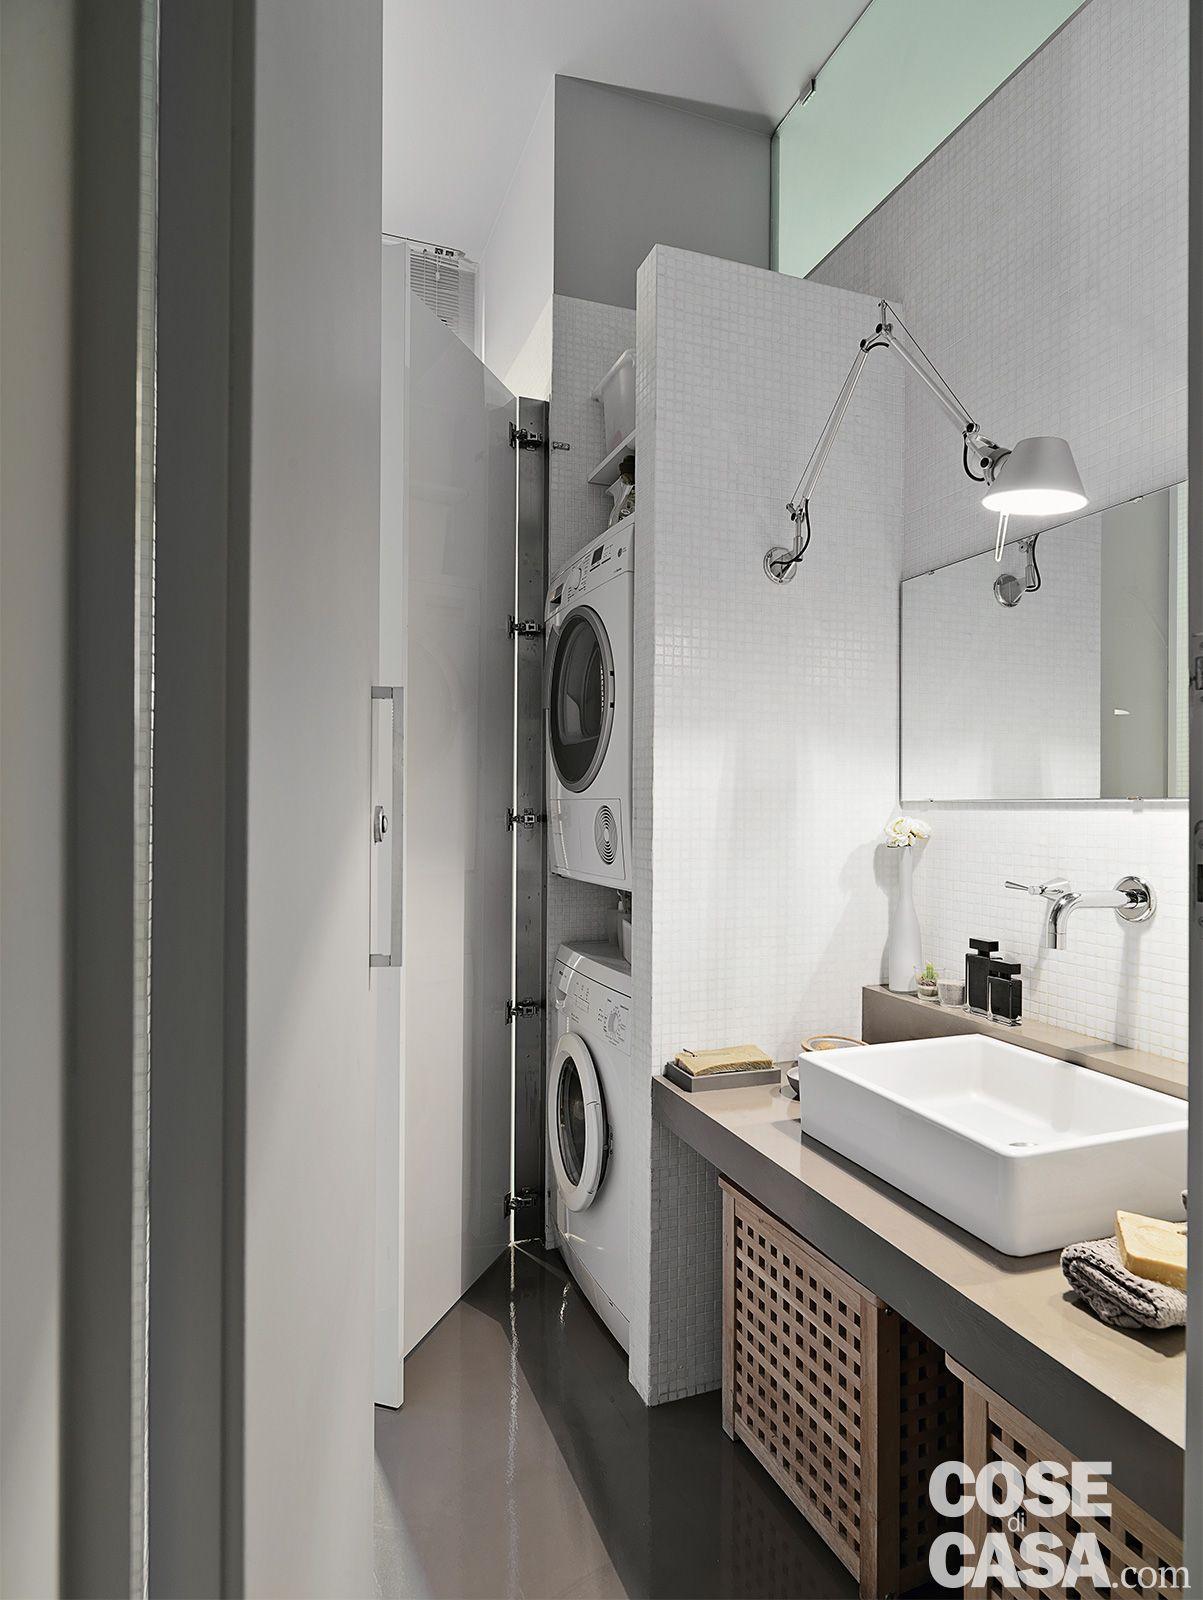 Una completa ristrutturazione dà un taglio moderno a un appartamento tradizionale. Sfruttando al massimo la metratura ridotta.